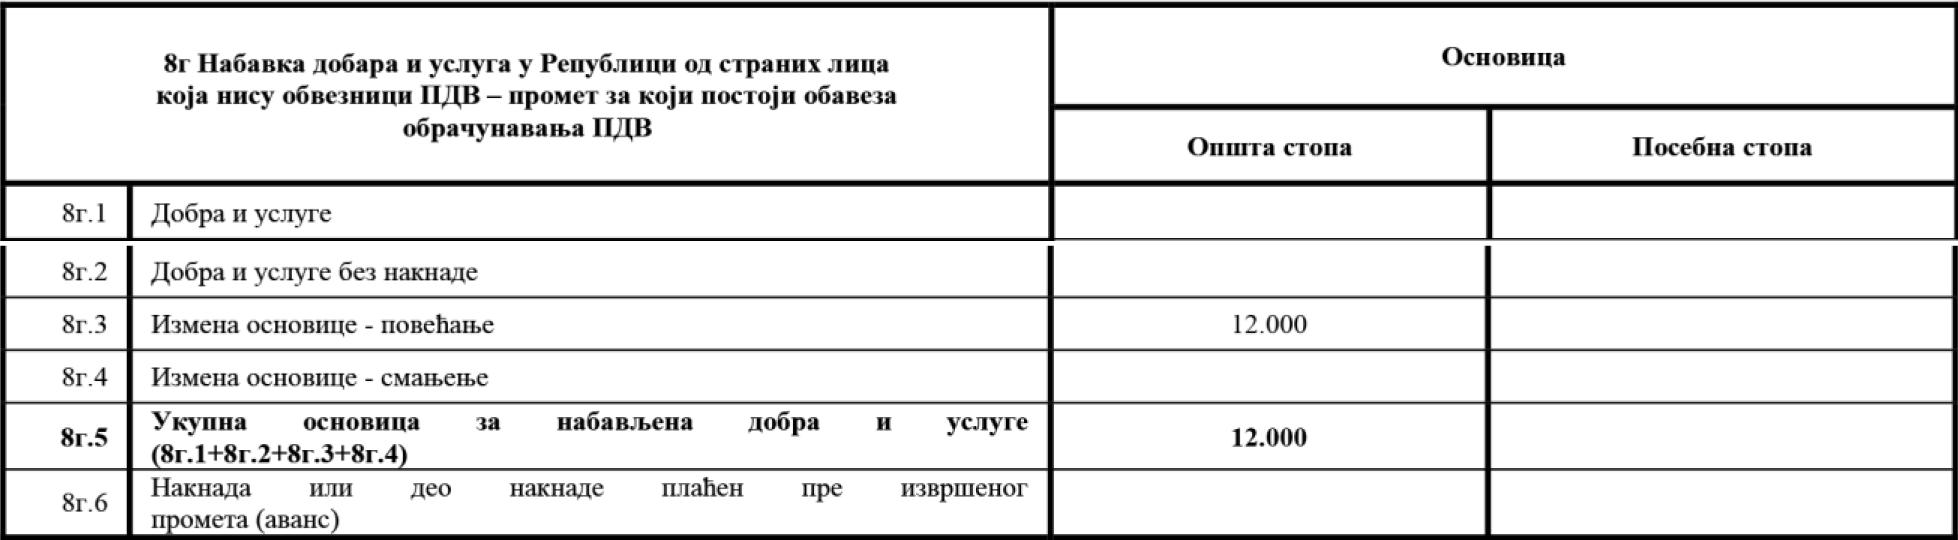 uputstvo PU obrazac POPDV primer 111 - 2.2